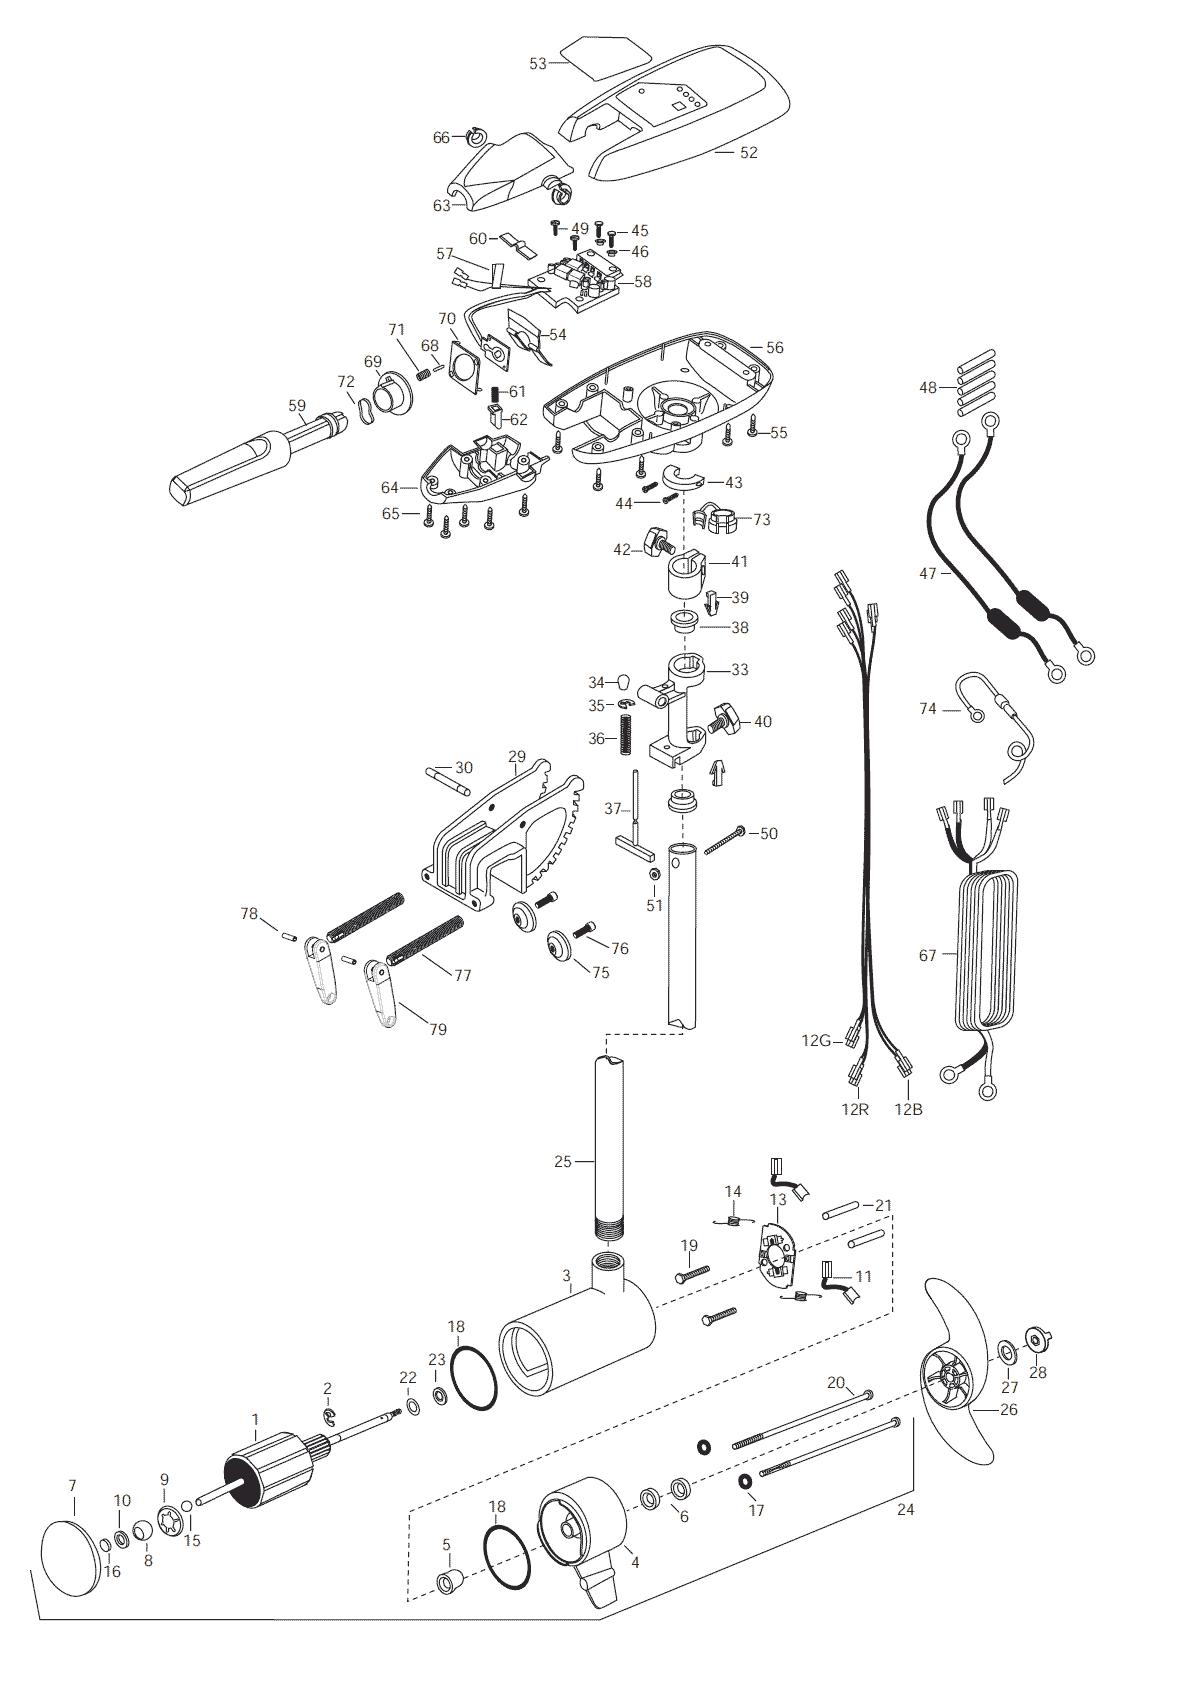 Minn Kota Riptide 101s Parts